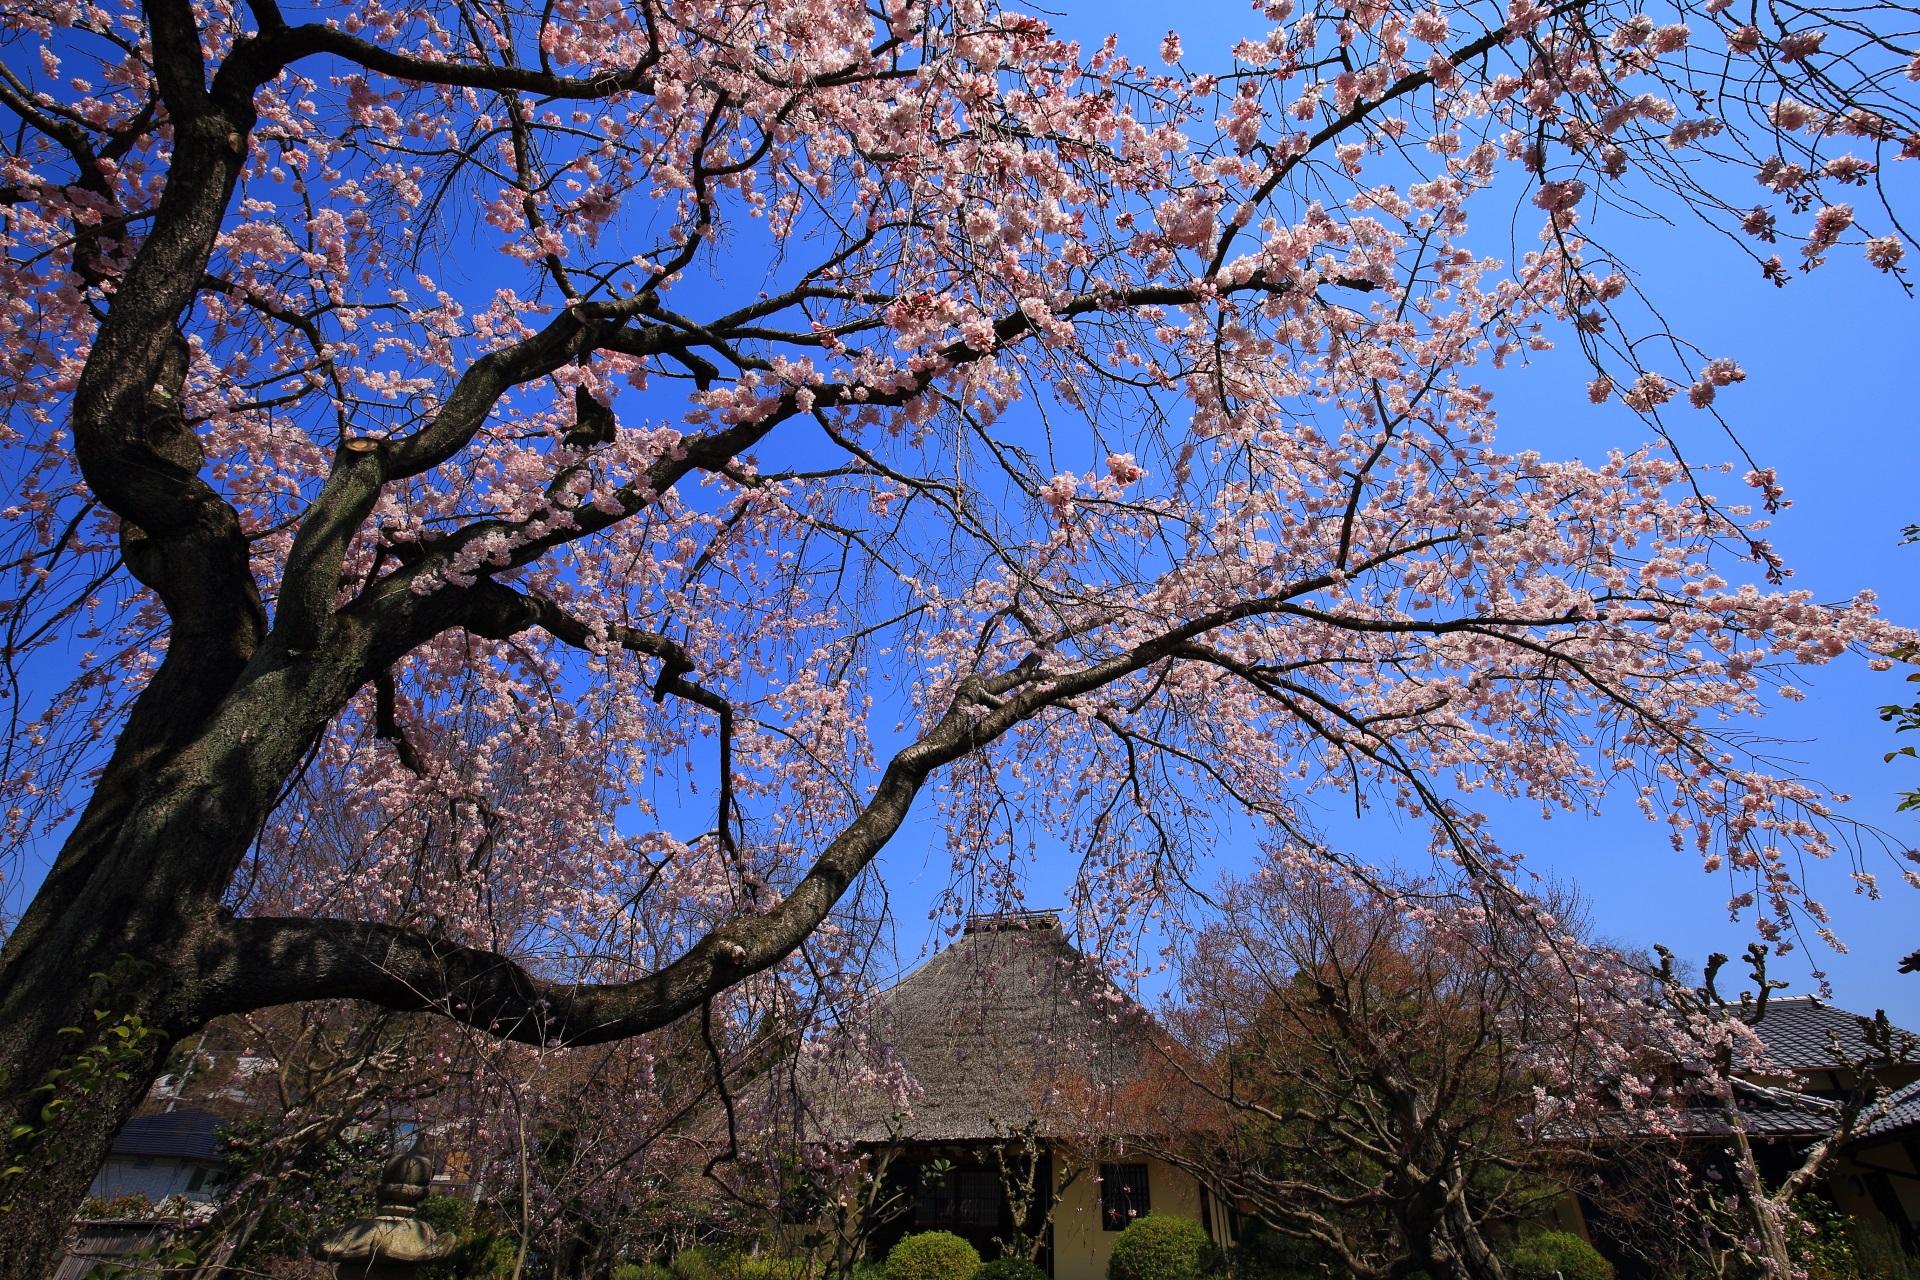 角度や場所を変えればまた違った雰囲気がする桜